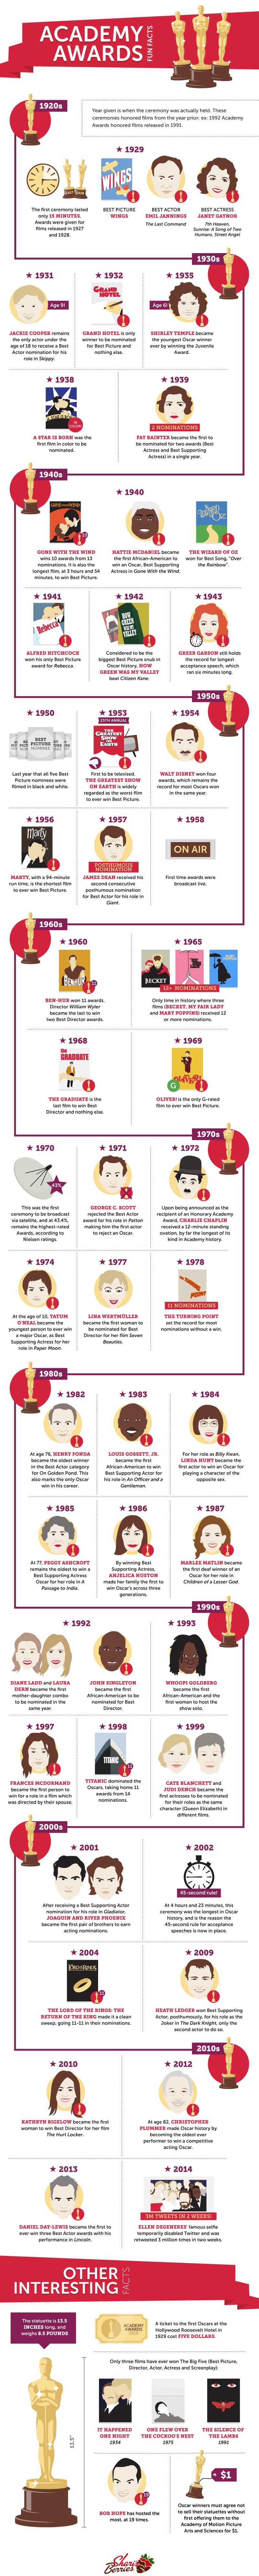 SB-AcademyAwardsFacts-Infographic